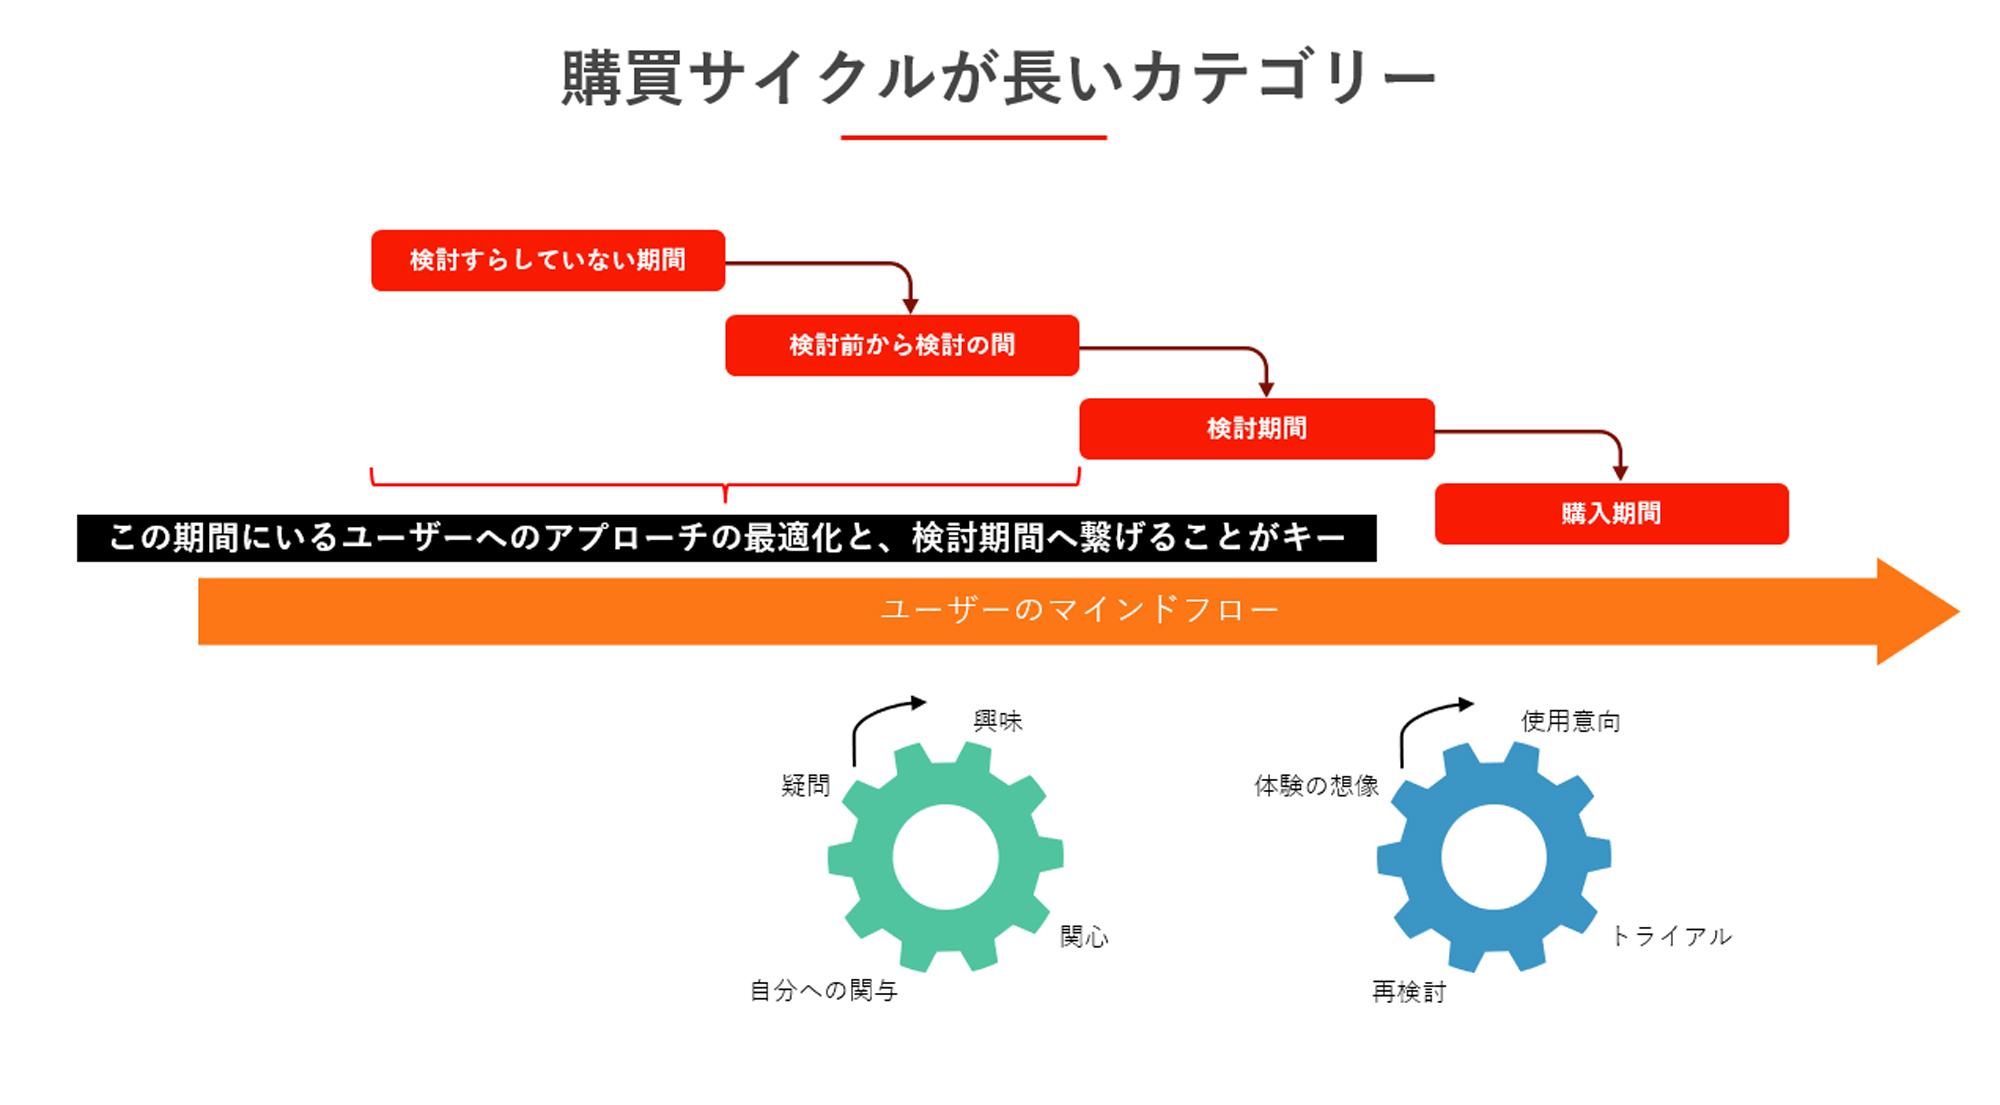 参考:第2回で取り上げた購買サイクルの図クリック/タップで拡大